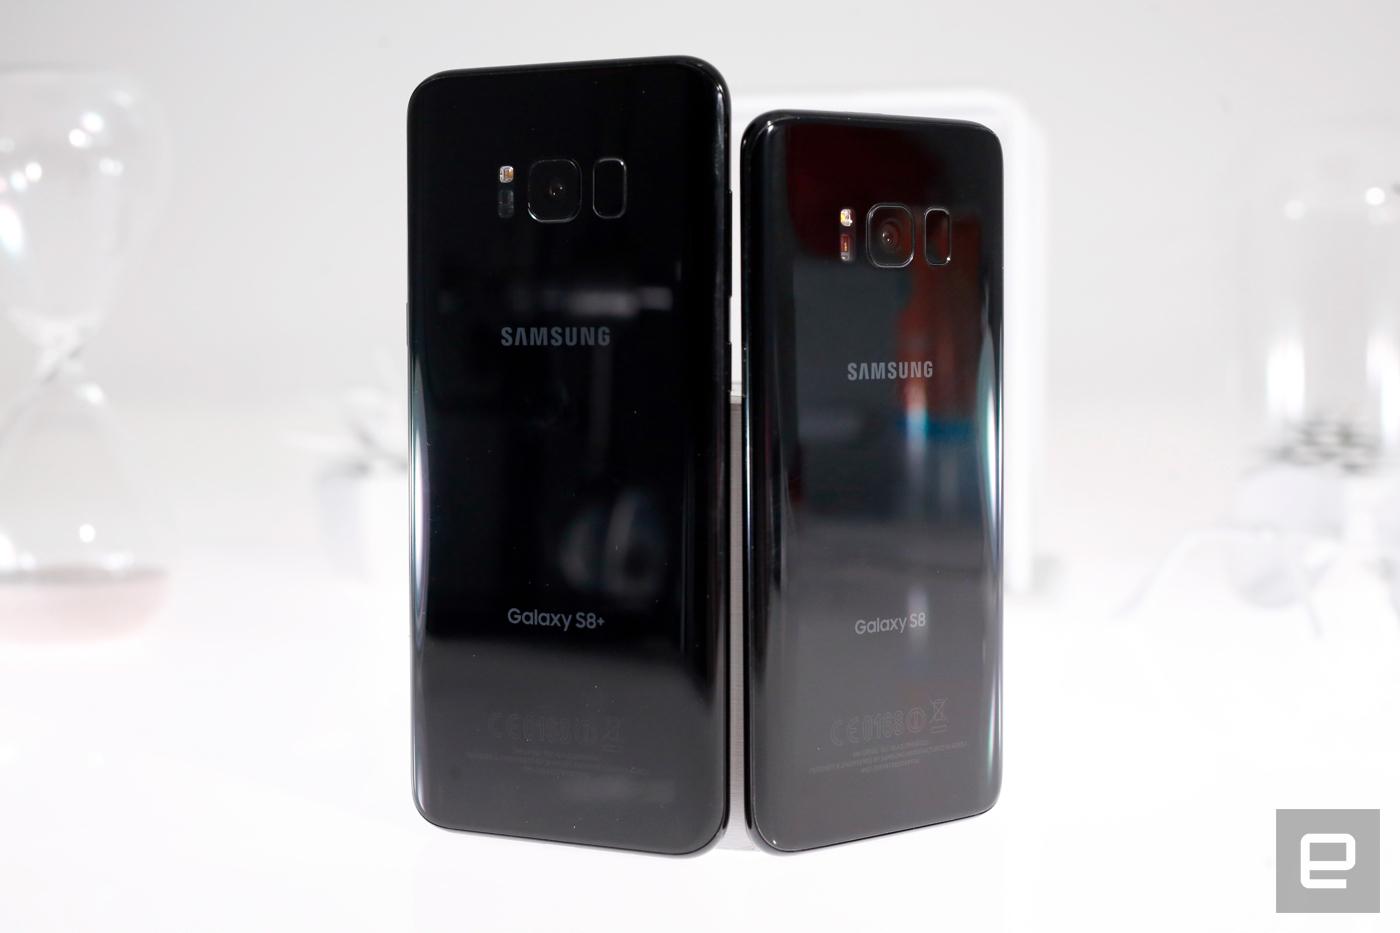 Galaxy S8 und S8+ erhalten ab heute Android Oreo